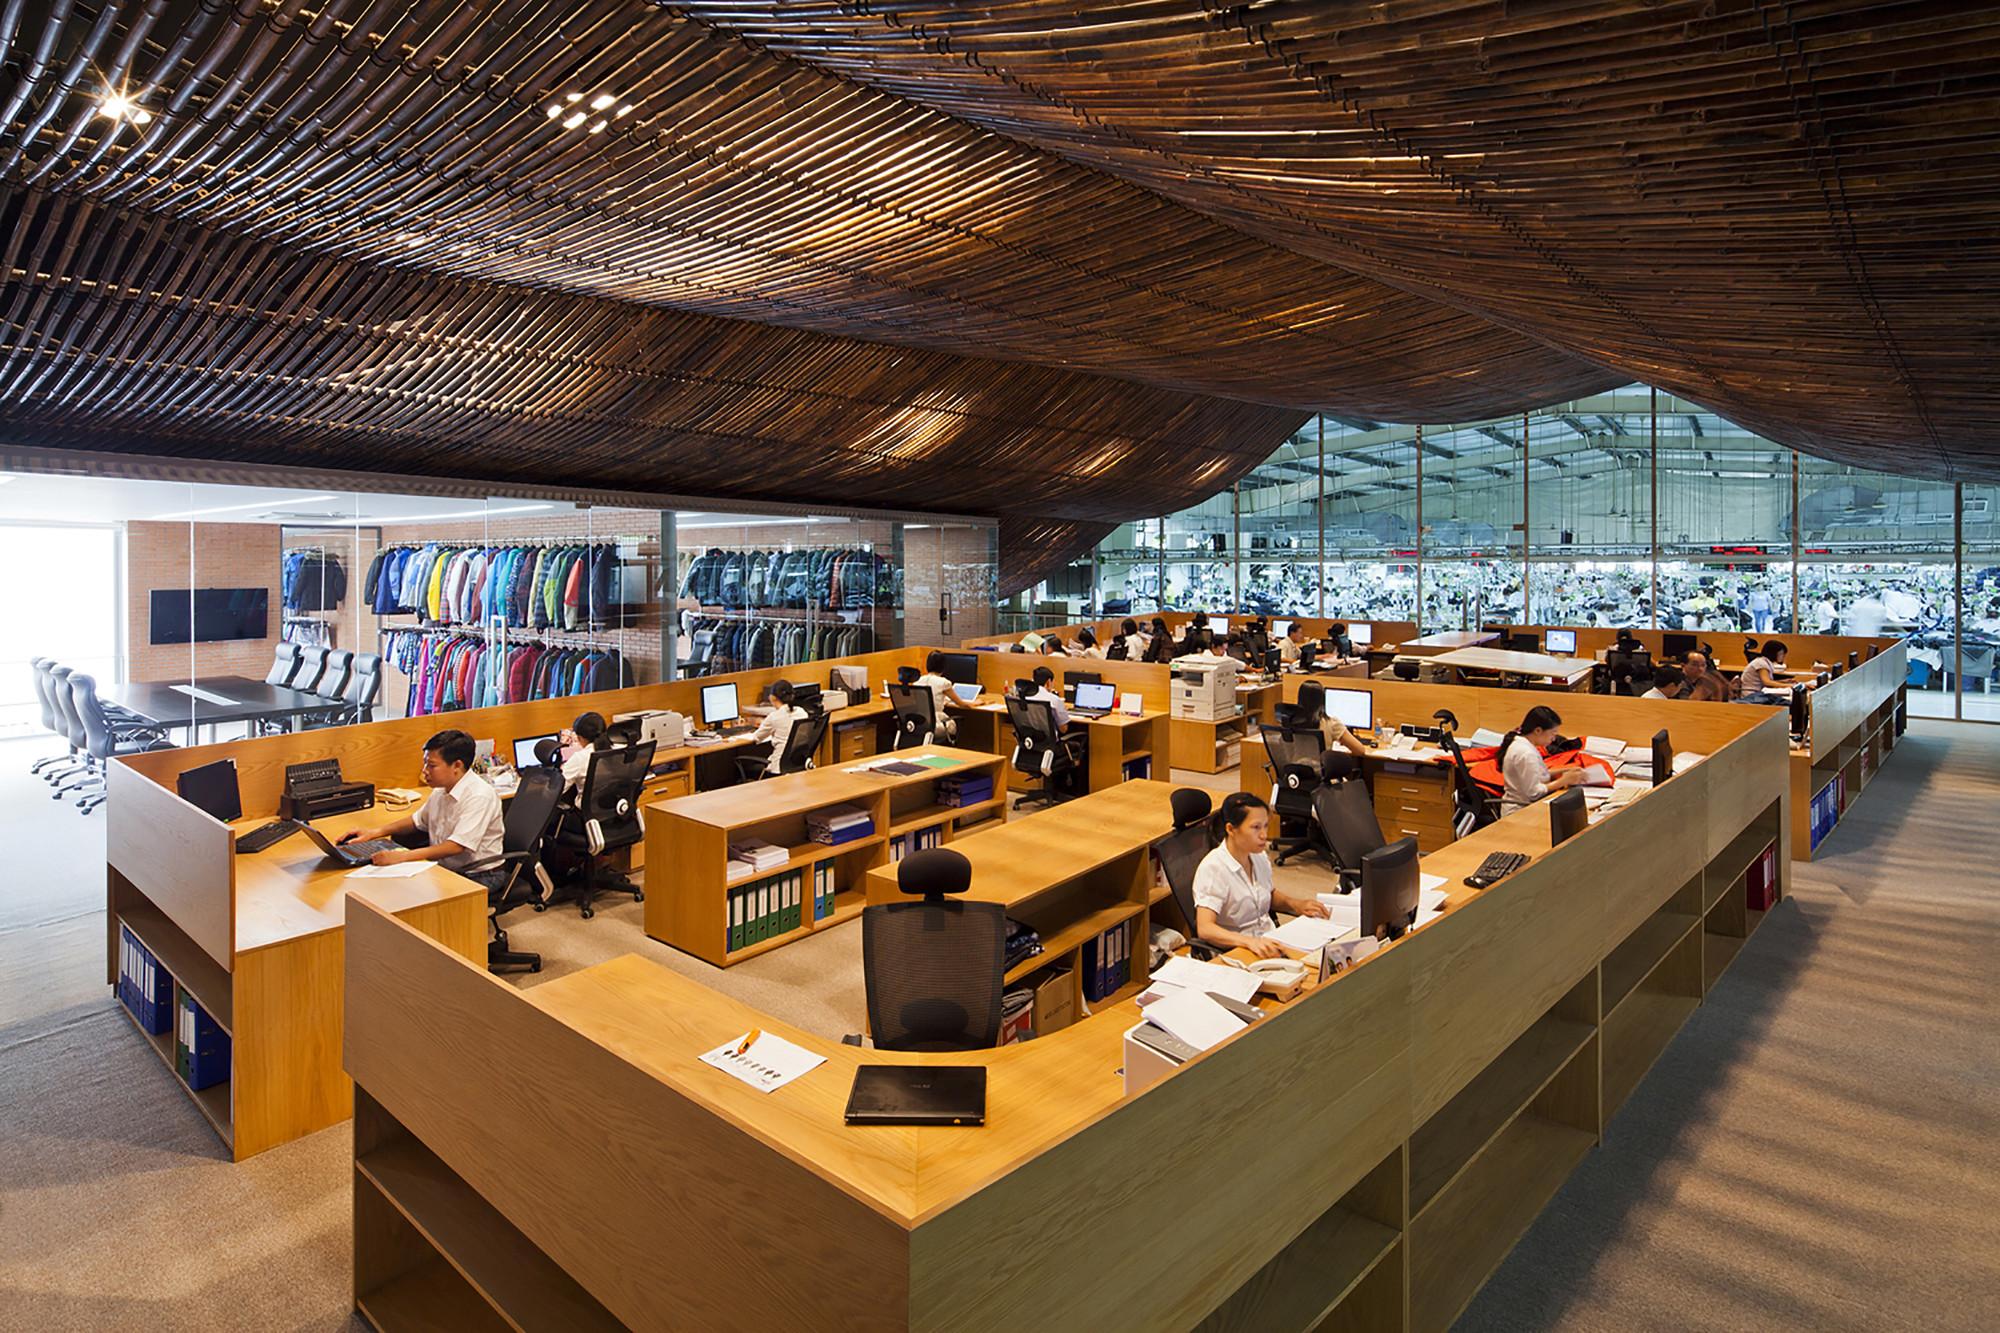 Renovación de Oficina de la Fábrica / Vo Trong Nghia Architects, © Hiroyuki Oki